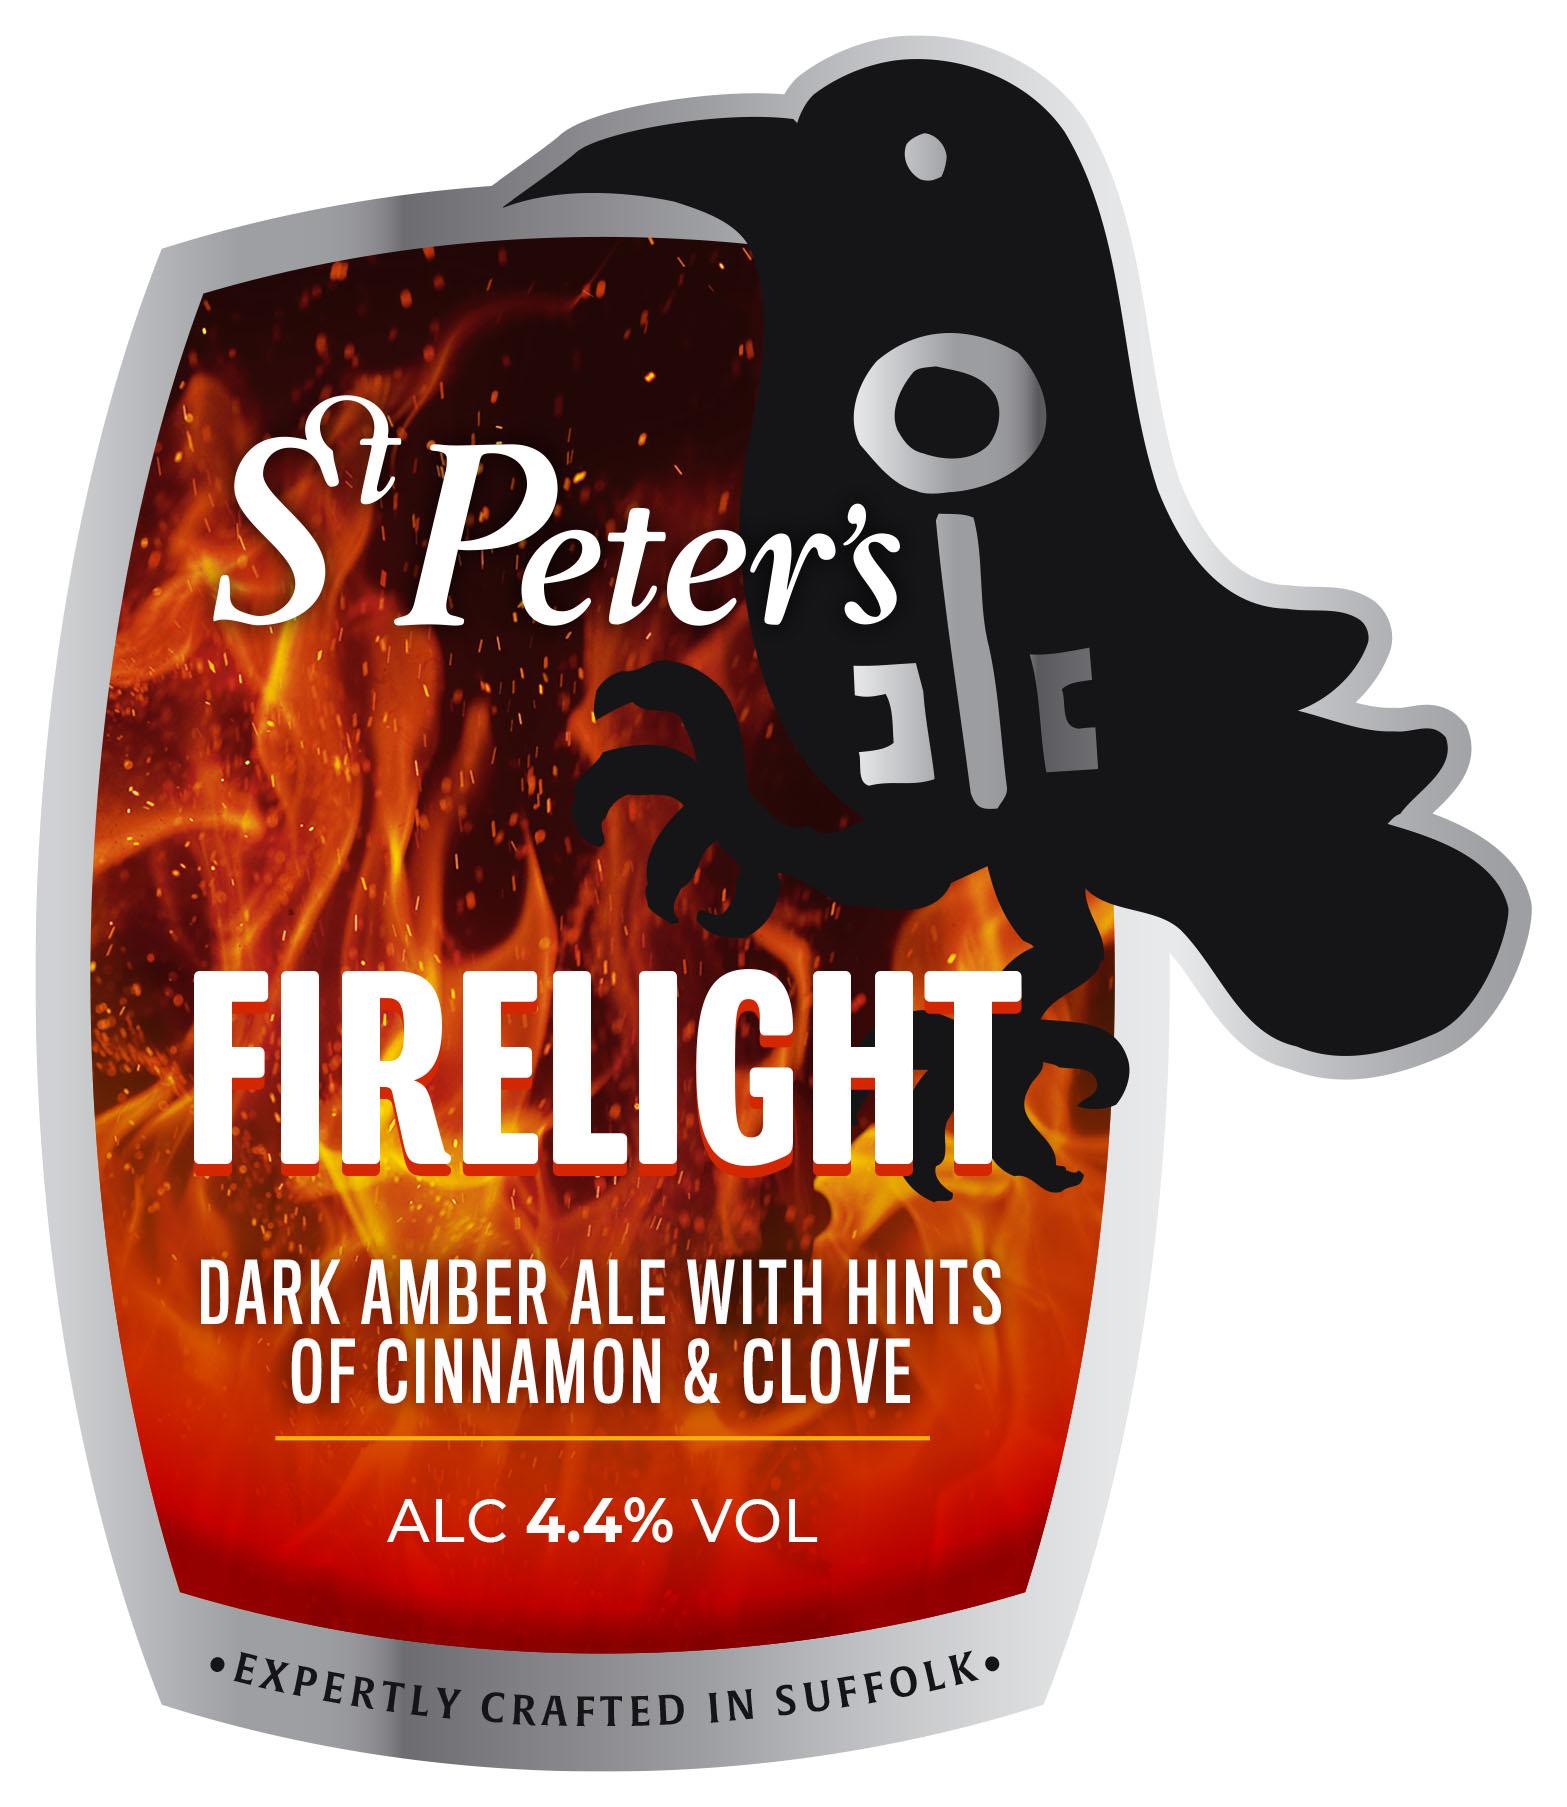 St Peters Firelight 9 Gallons Dark Amber 4.4%